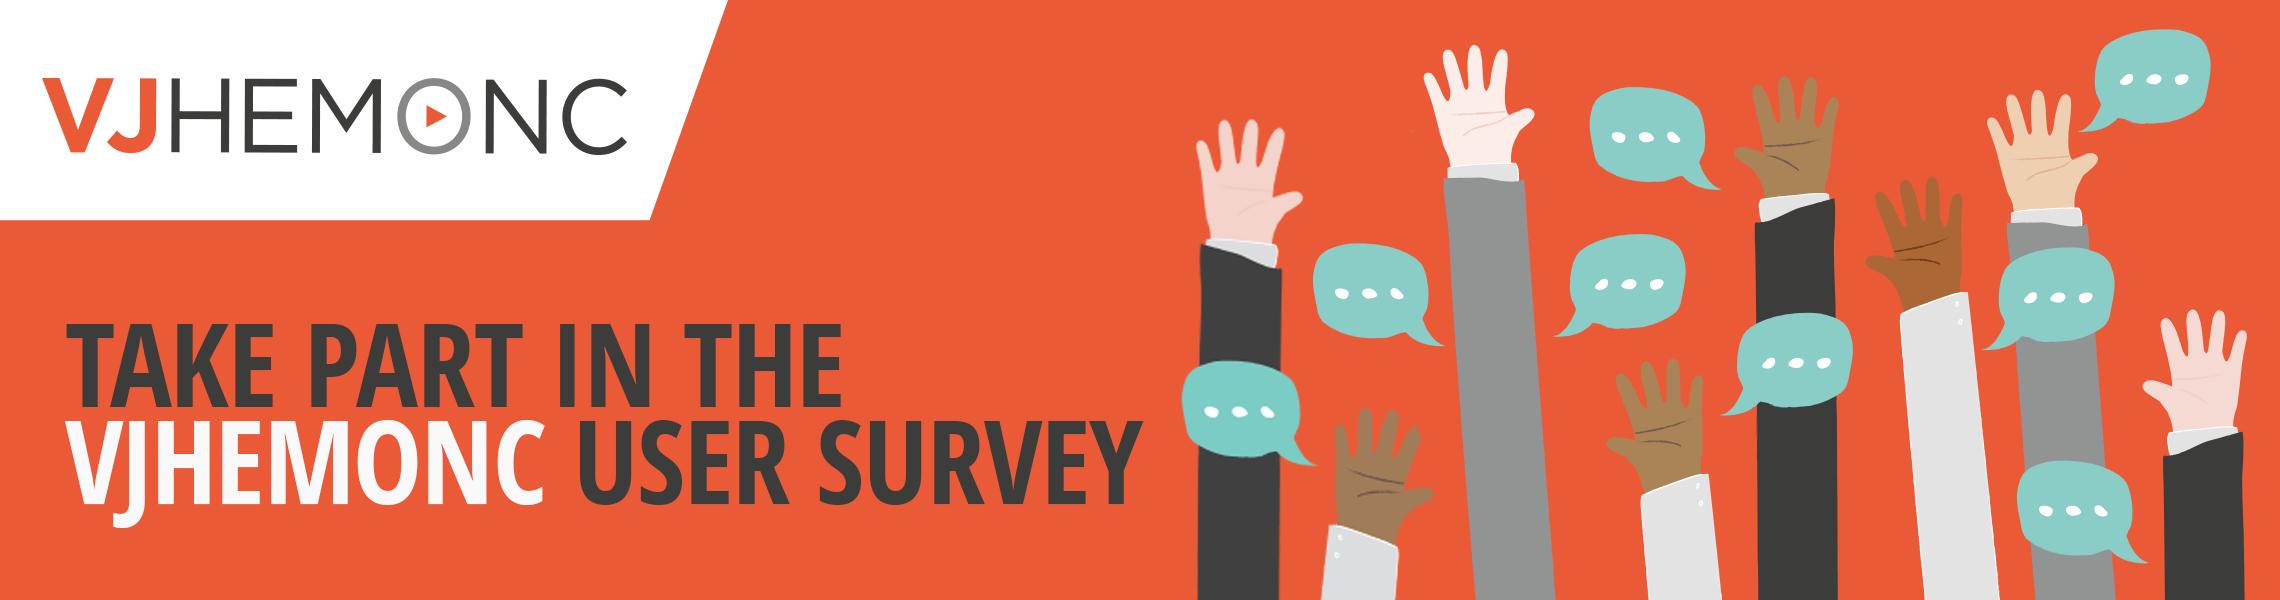 Take part in the VJHemOnc User Survey